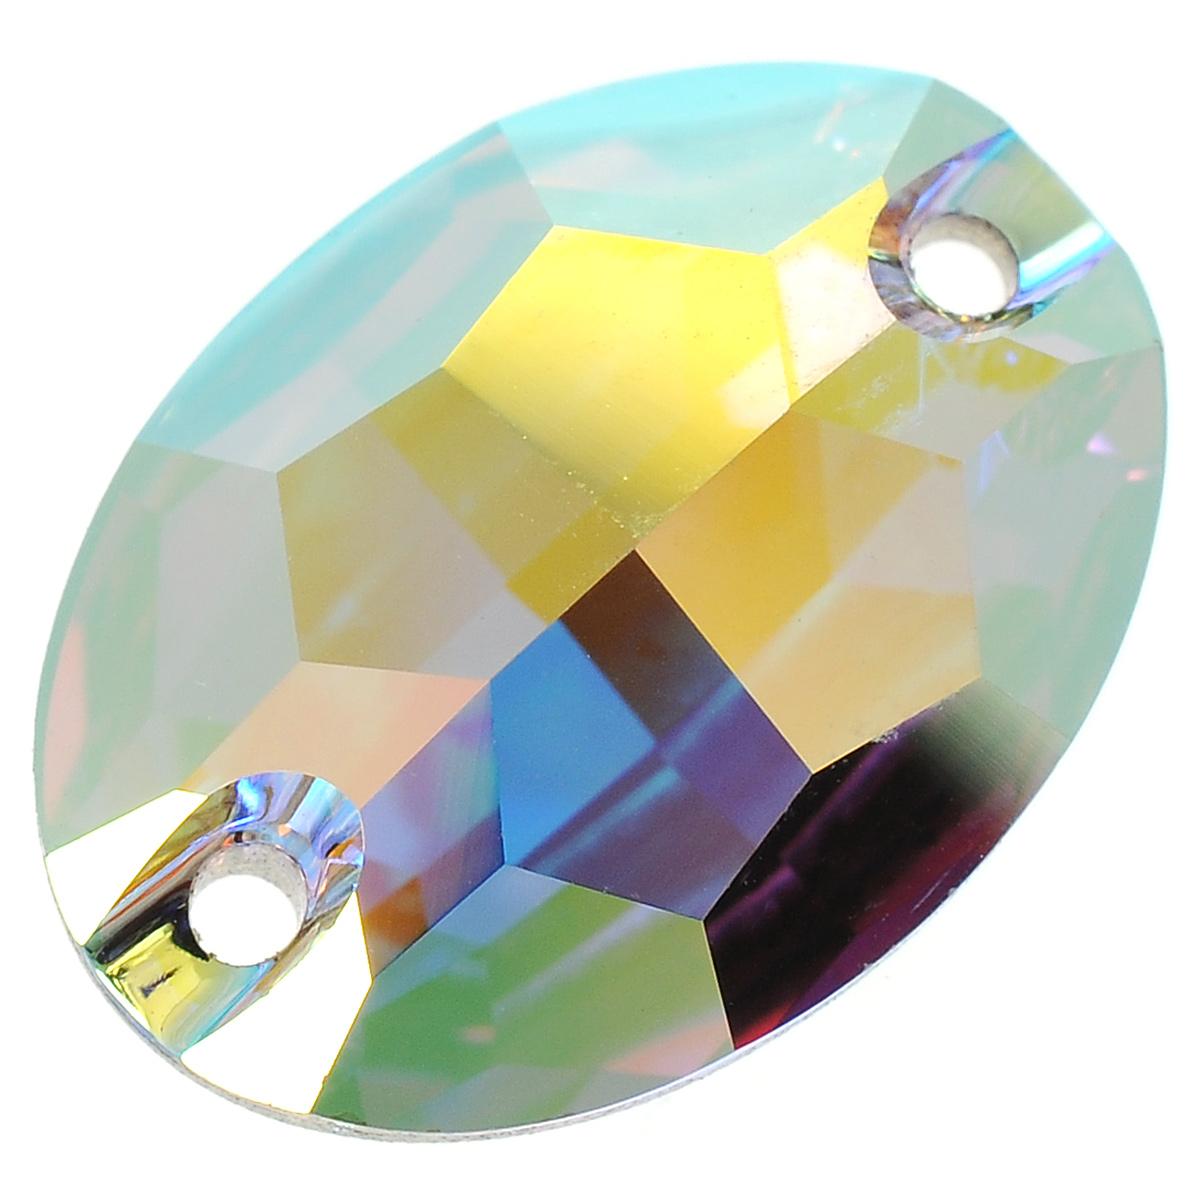 Камень нашивной Swarovski Elements, 16 х 11 мм691212Нашивной камень Swarovski Elements может быть пришит на любой тип ткани или принадлежностей. Имеется 2 отверстия для пришивания. Украшения, созданные своими руками, подчеркнут образ вашей маленькой модницы или послужат чудесным подарком для друзей и близких.